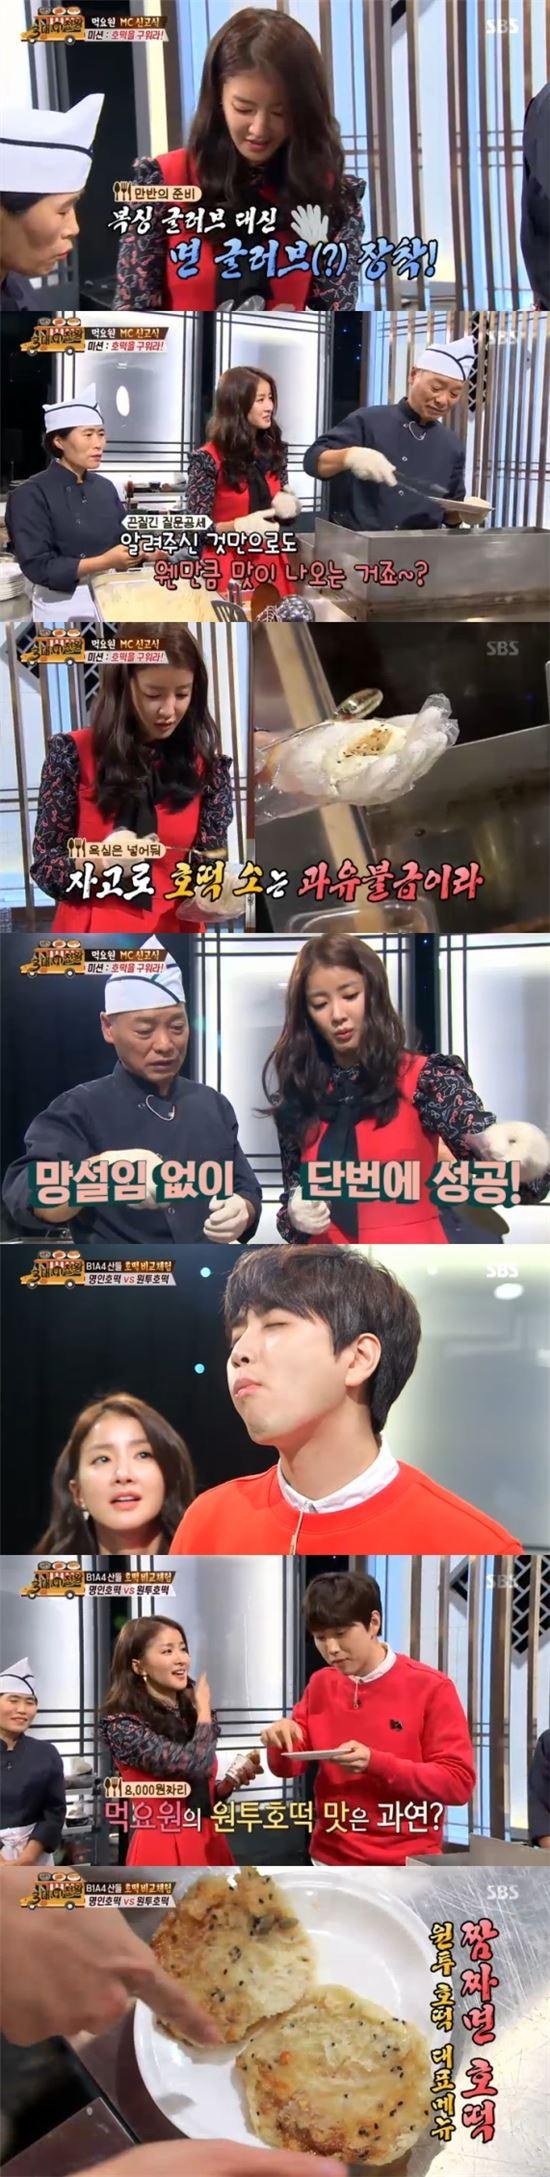 이시영. 사진=SBS '백종원의 3대천왕' 방송 캡쳐